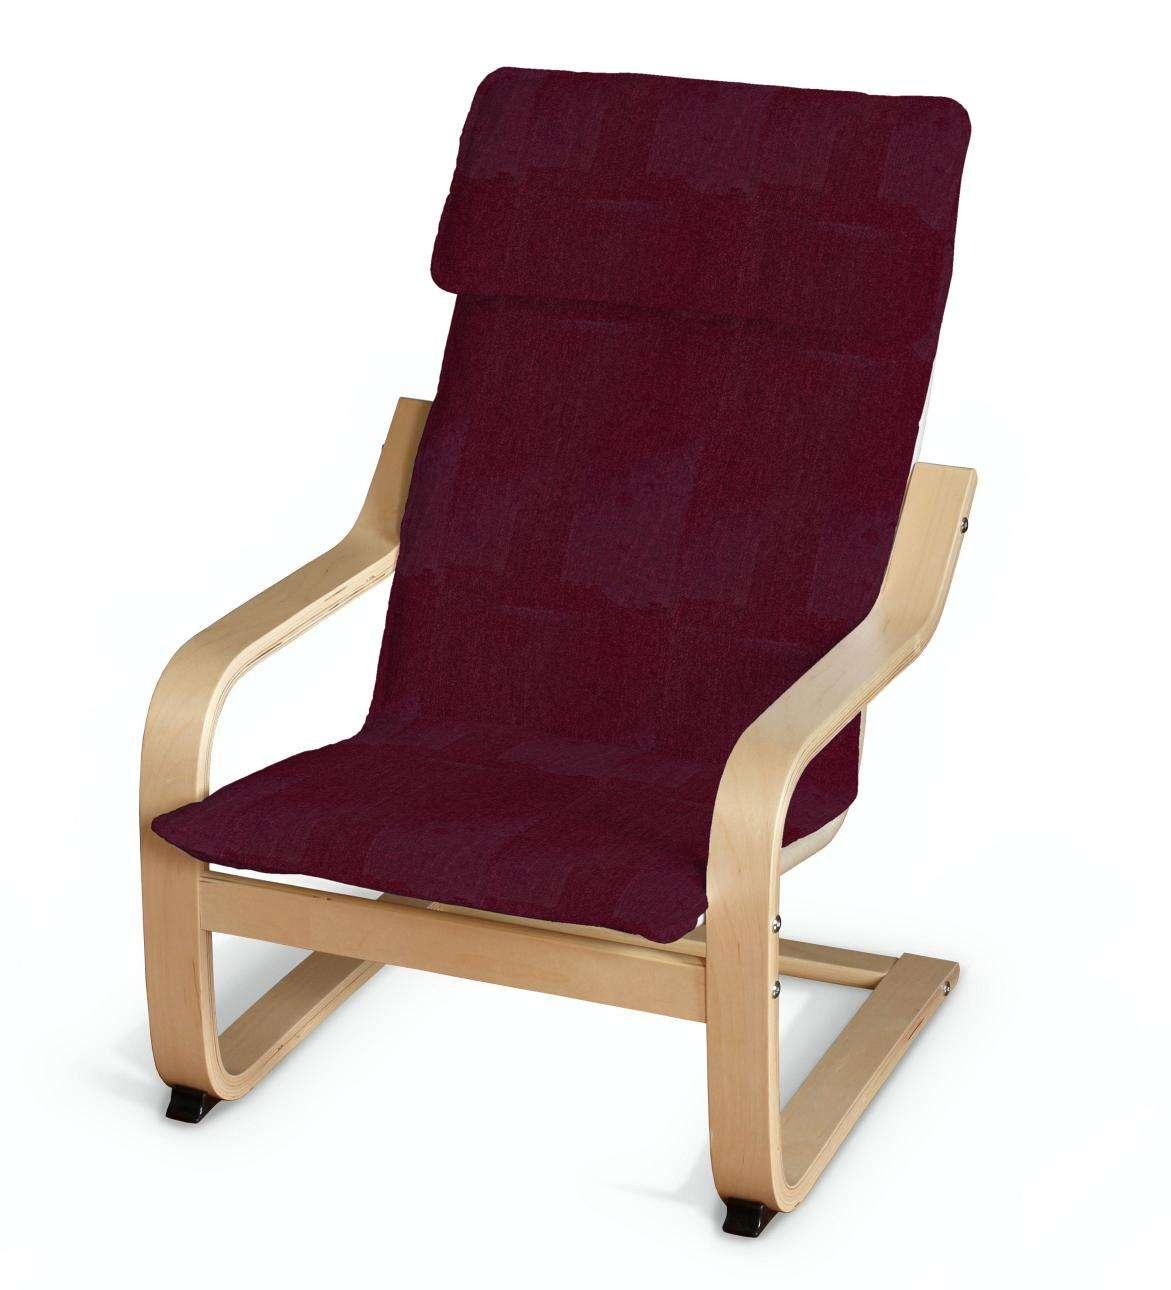 Poduszka na fotelik dziecięcy Poäng fotelik dziecięcy Poäng w kolekcji Chenille, tkanina: 702-19